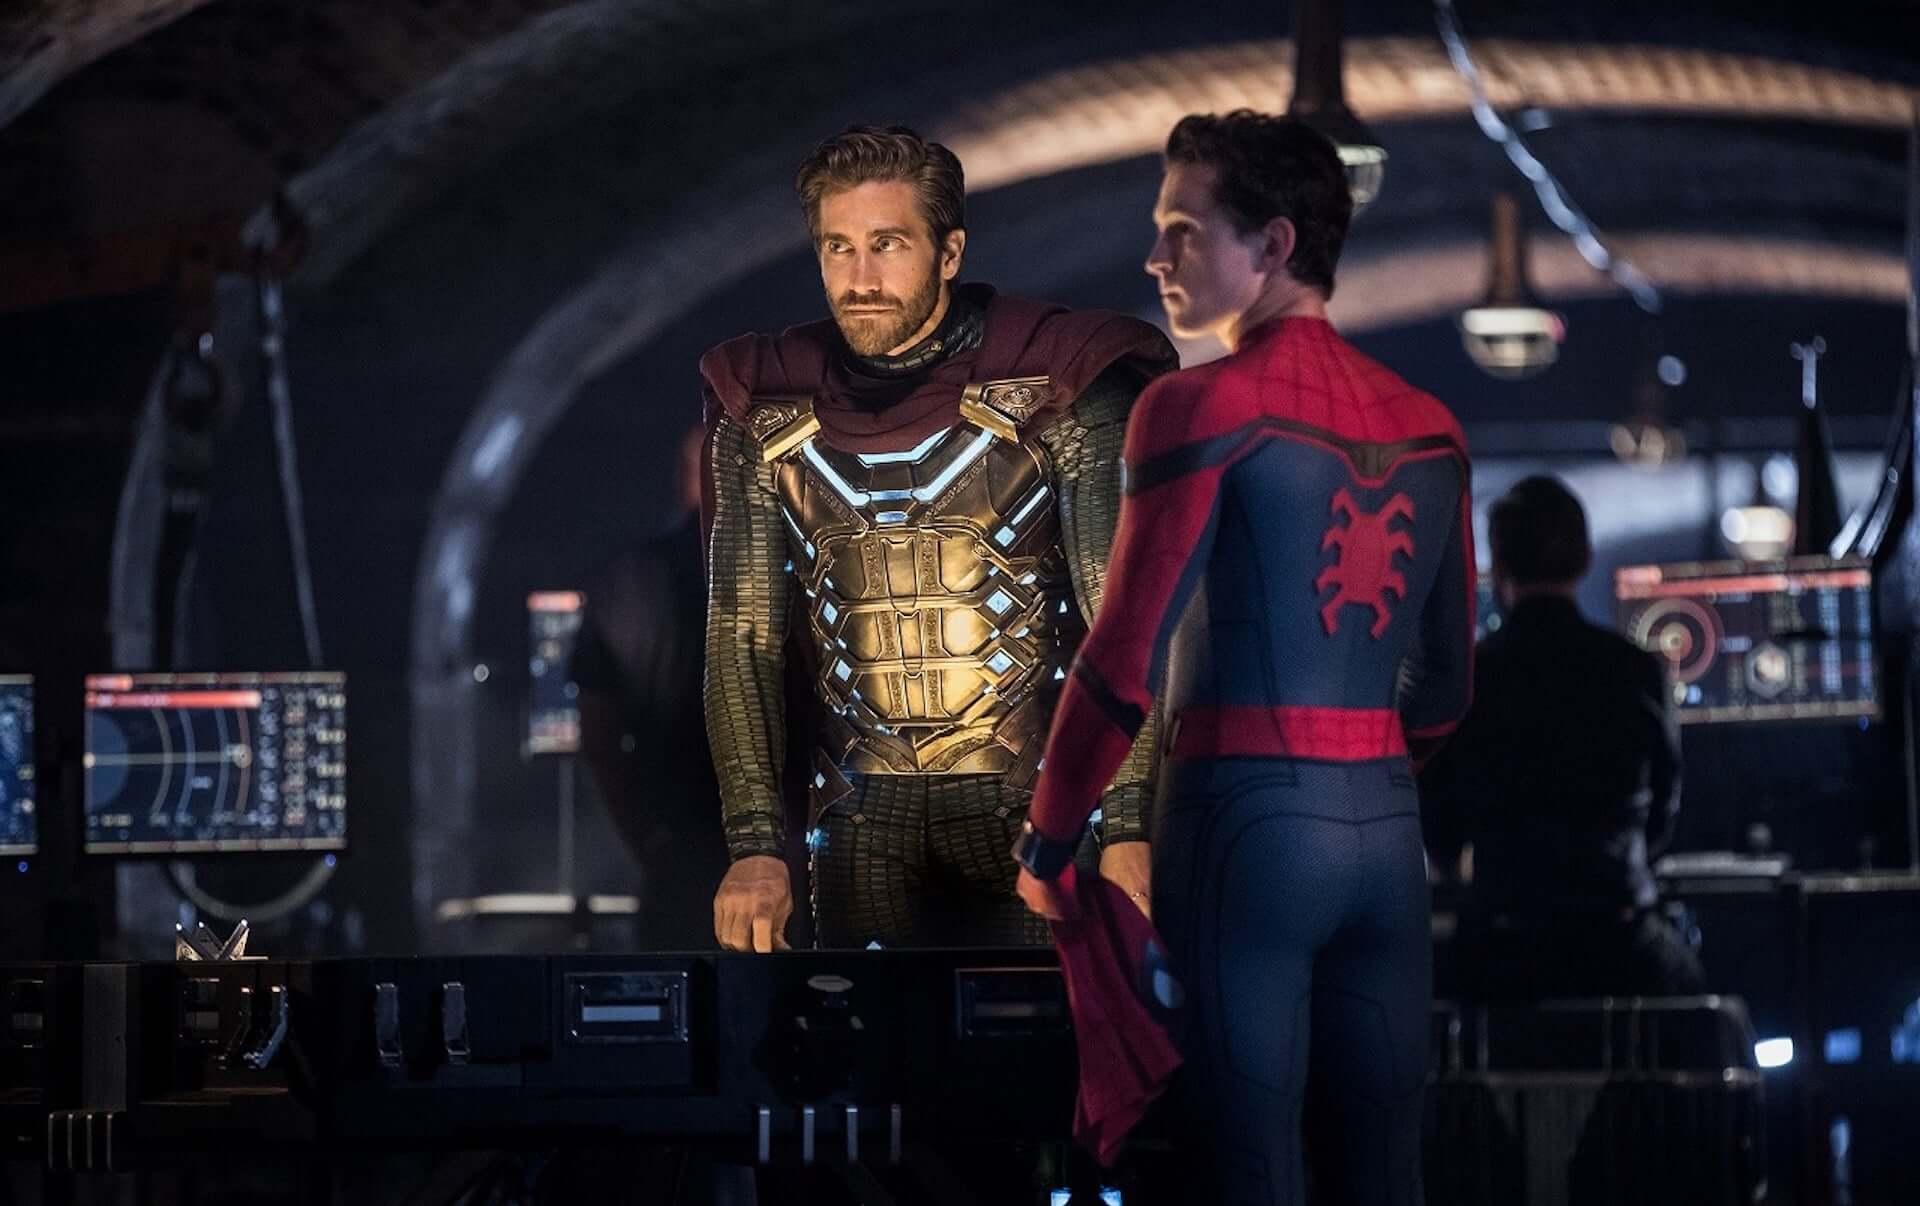 カギを握るのはニック・フューリー!?『スパイダーマン:ファー・フロム・ホーム』のキャストインタビュー映像第2弾公開 film190706spiderman-farfromhome-making_6-1920x1206